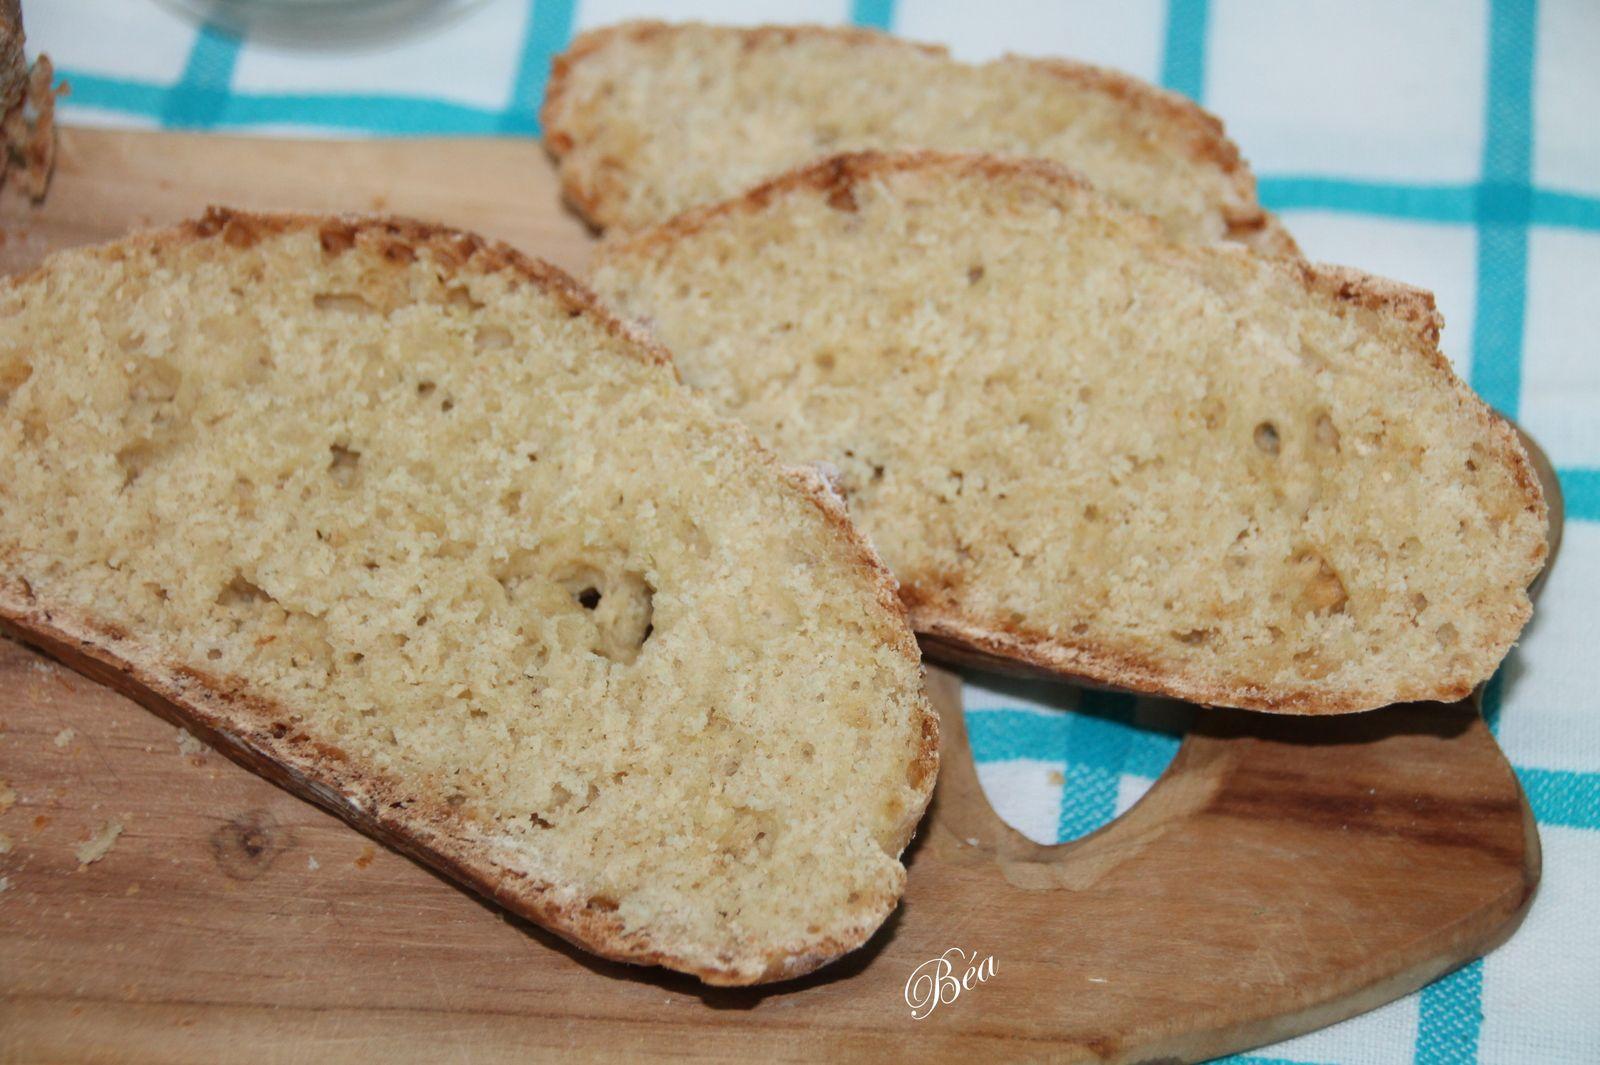 Soda bread irlandais en cocotte - Balade irlandaise